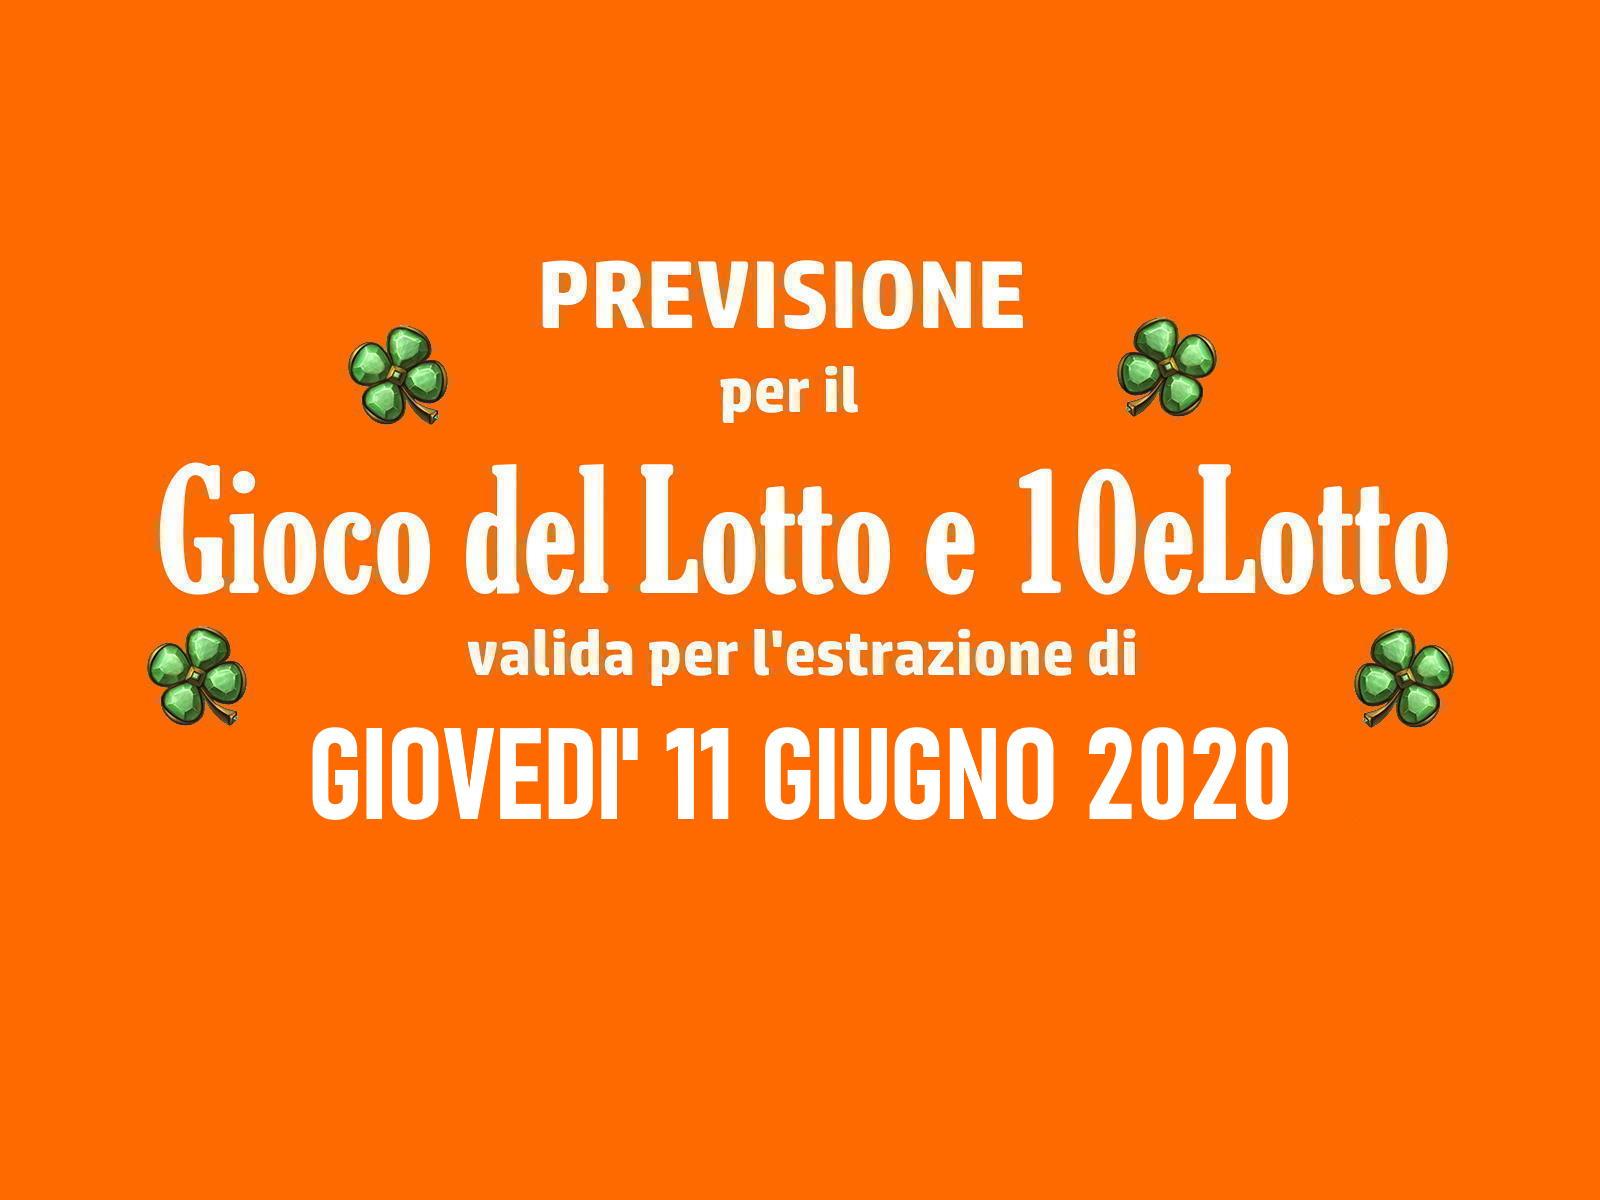 Previsione Lotto 11 Giugno 2020